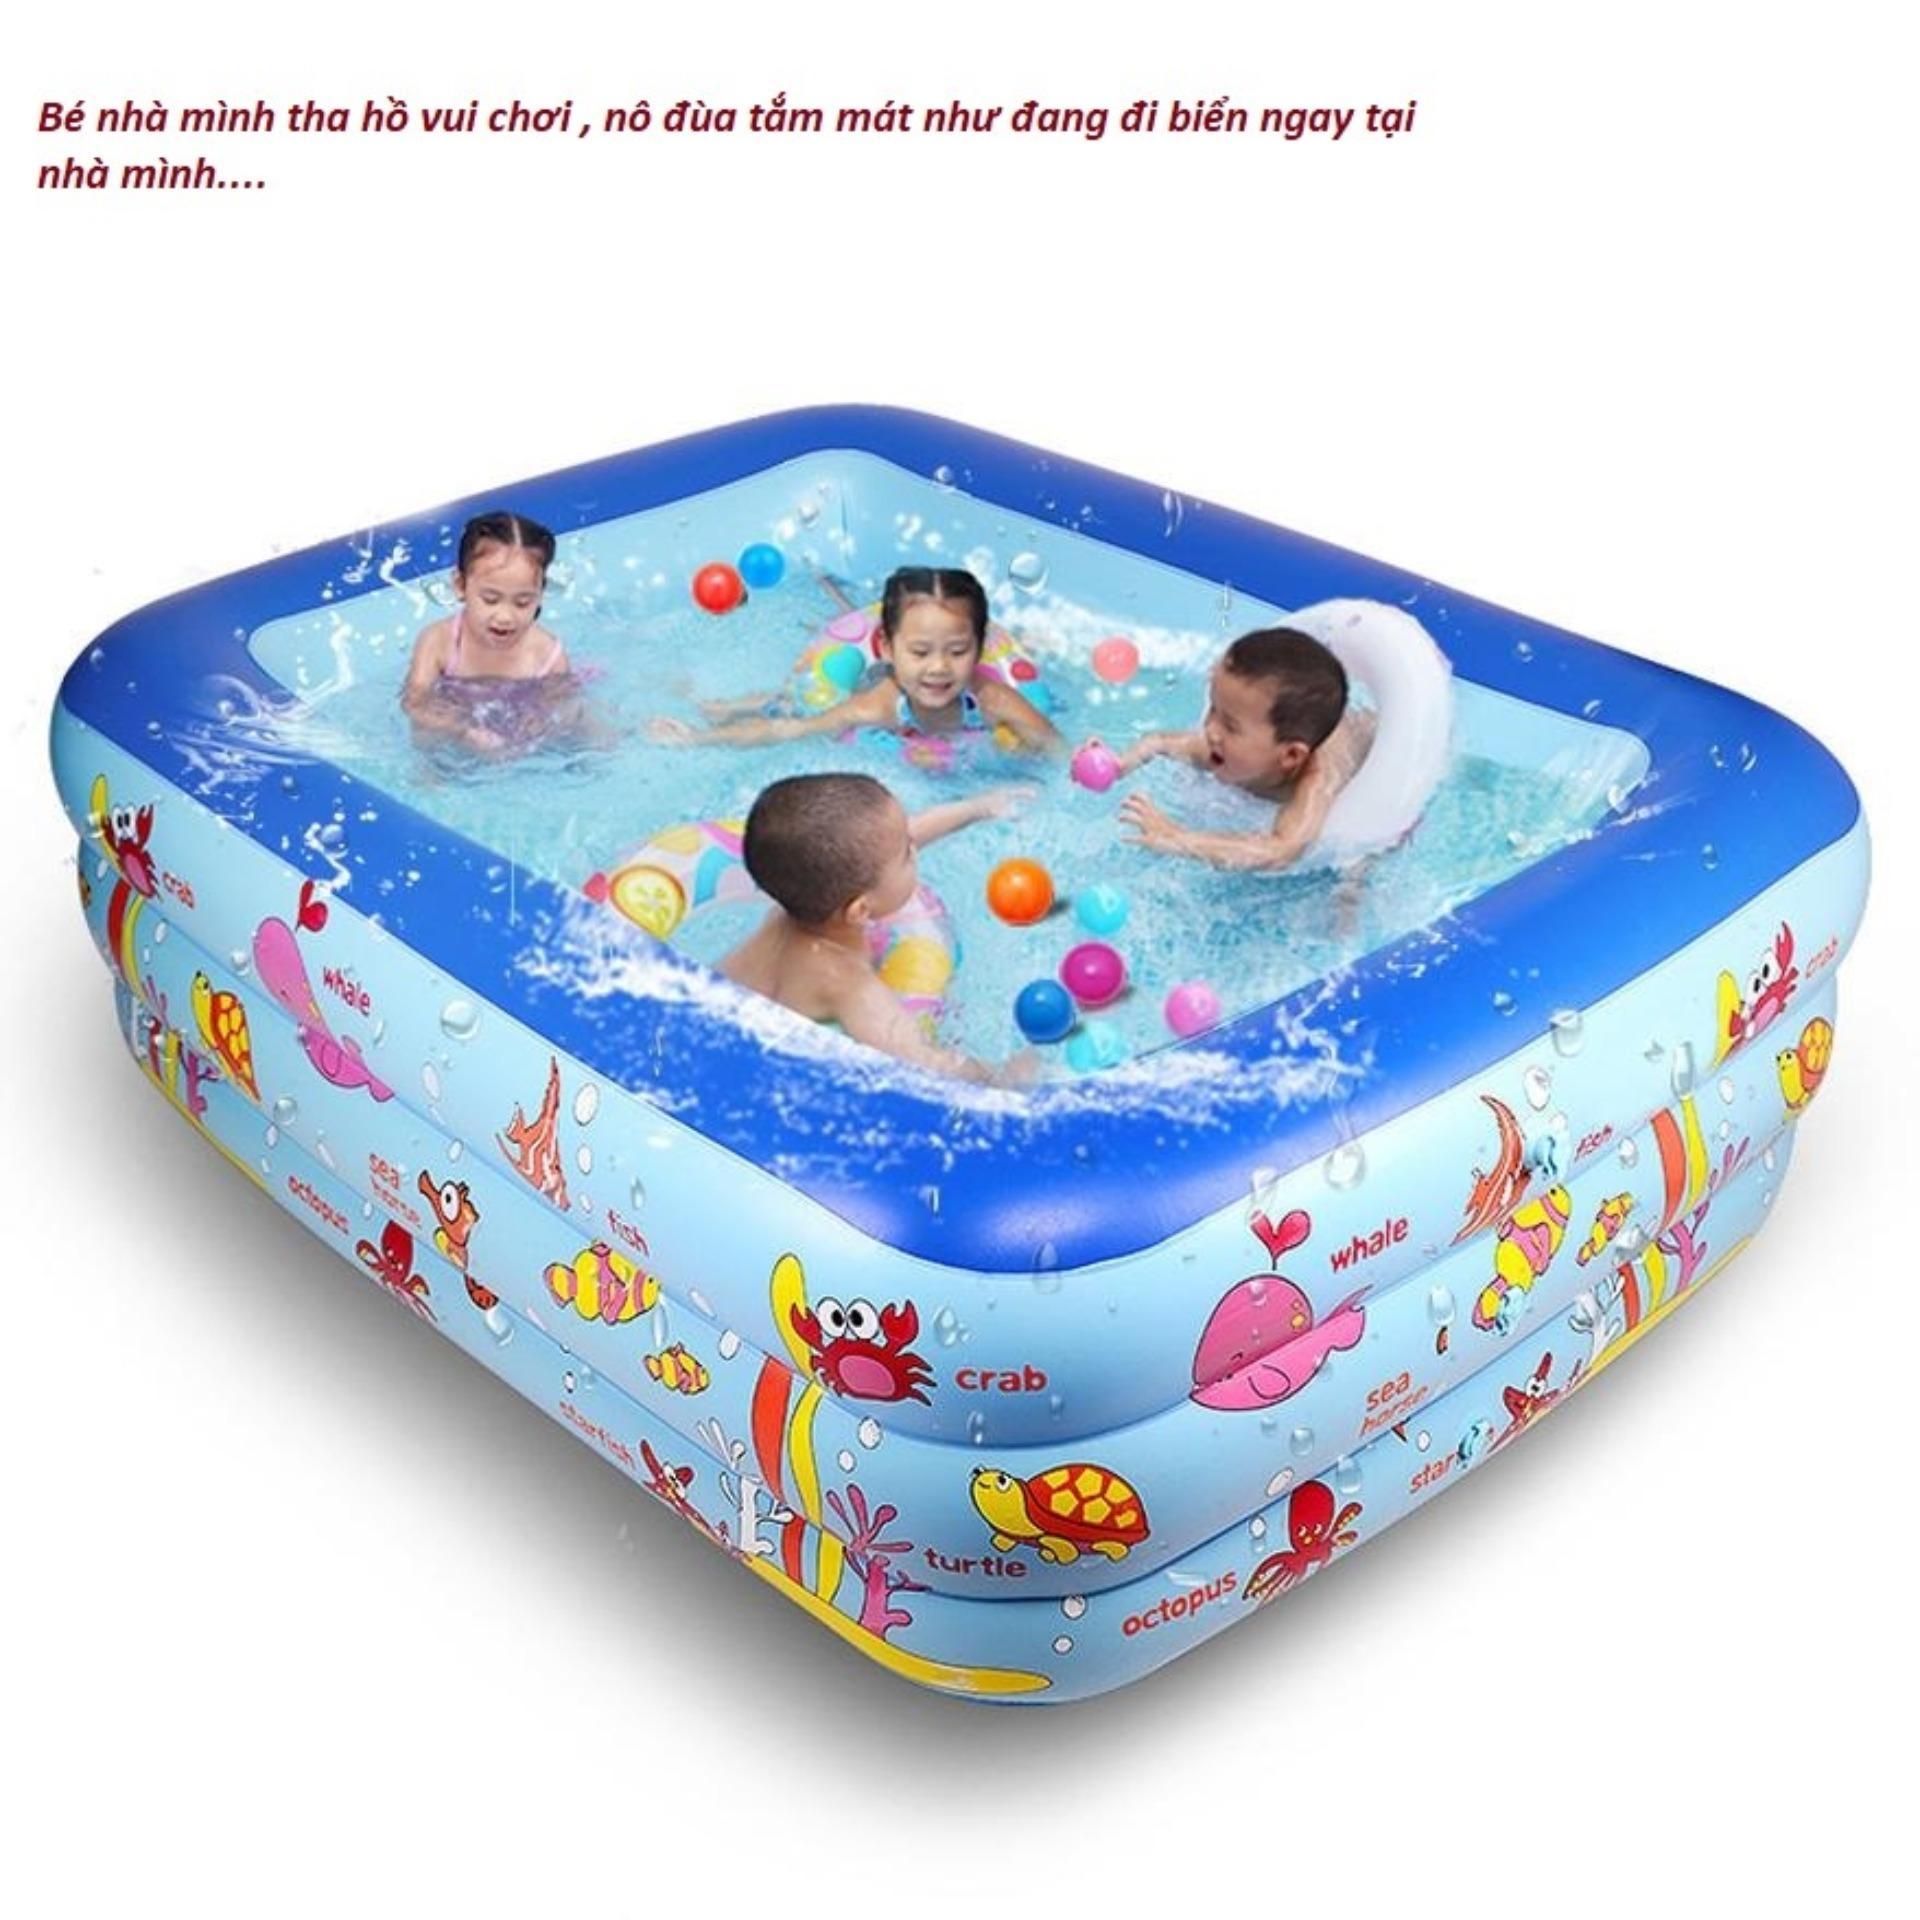 Bể Bơi Mùa Đông Ở Hà Nội, Bể Phao Bơi Cho Bé, Bể Phao Bơi Trẻ Em, Bể Bơi Phao Trẻ Em 3 Tầng, Chất Liệu Cao Cấp , Độ Bền Cao, Tặng Ngay 01 Bơm Bể Bơi Cao Cấp